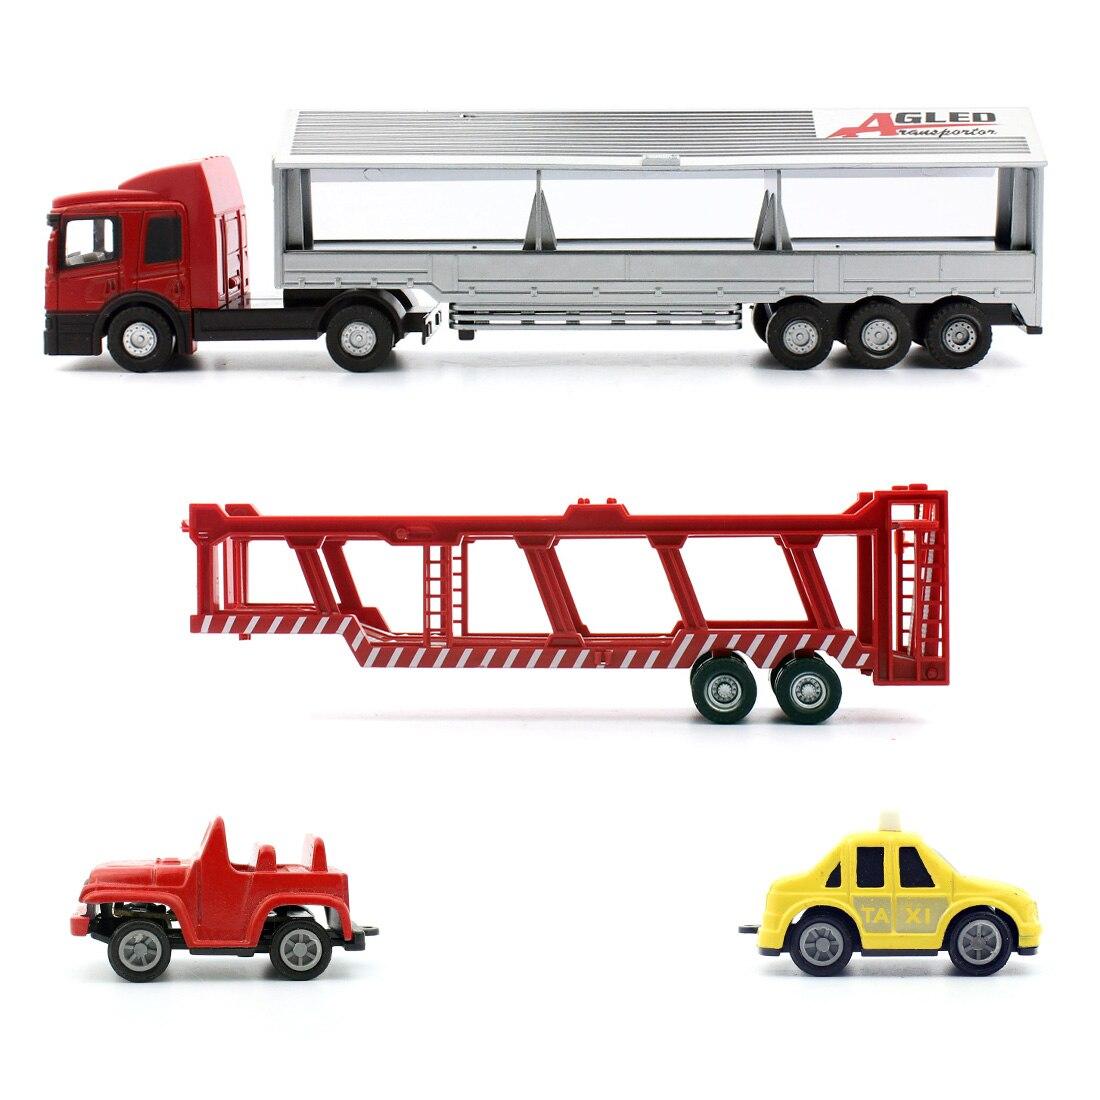 Легковые автомобили Feichao 1: 64, литые под давлением, металлические транспортные средства, большие игрушки для грузовиков, гоночный автомобиль...